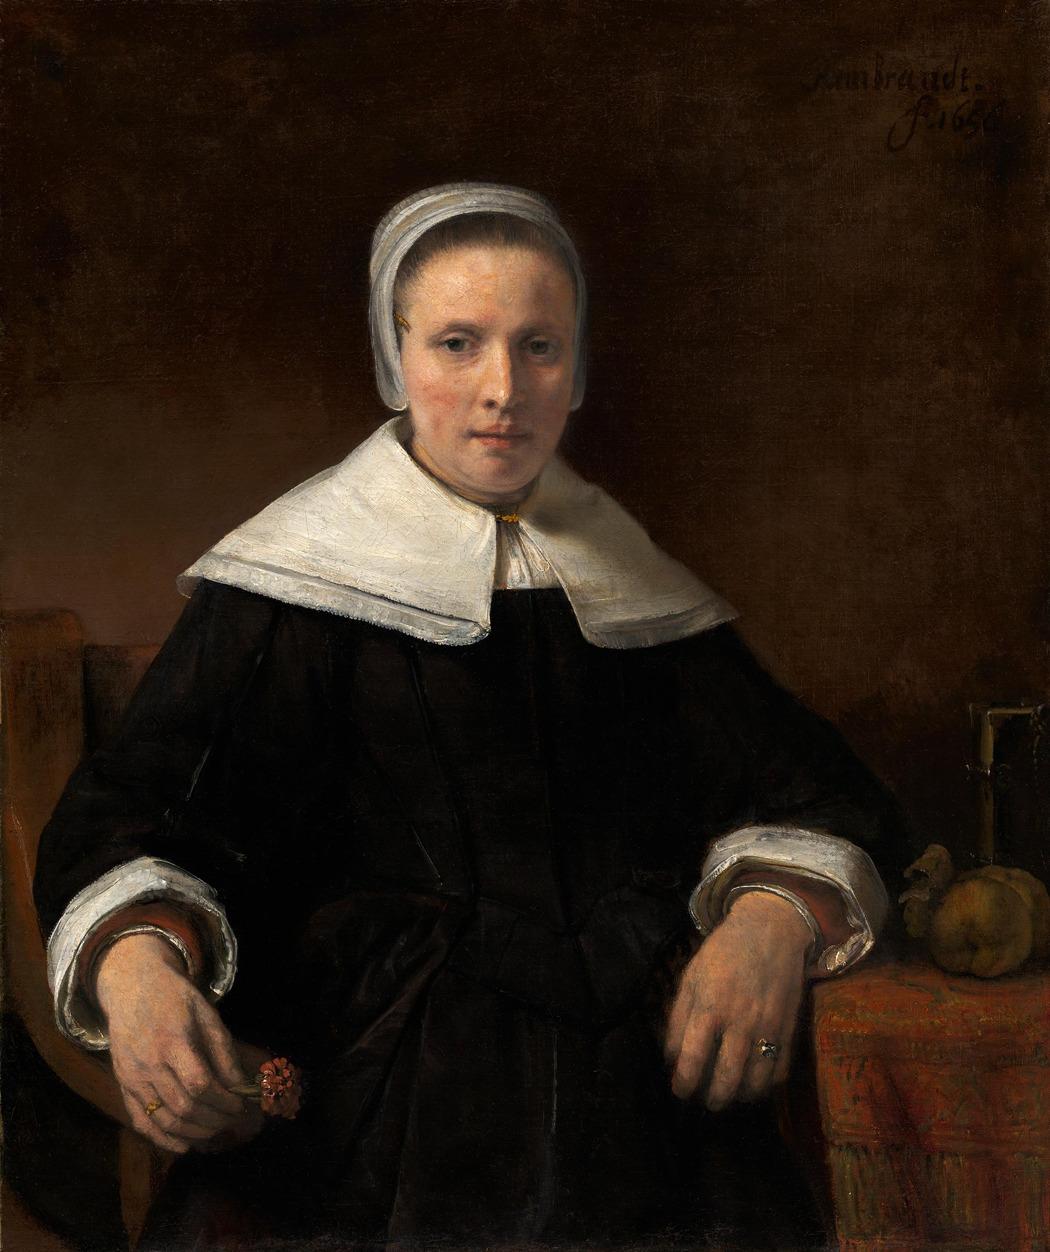 Рембрандт. «Женщина с гвоздикой» (атрибутирована как работа мастерской)